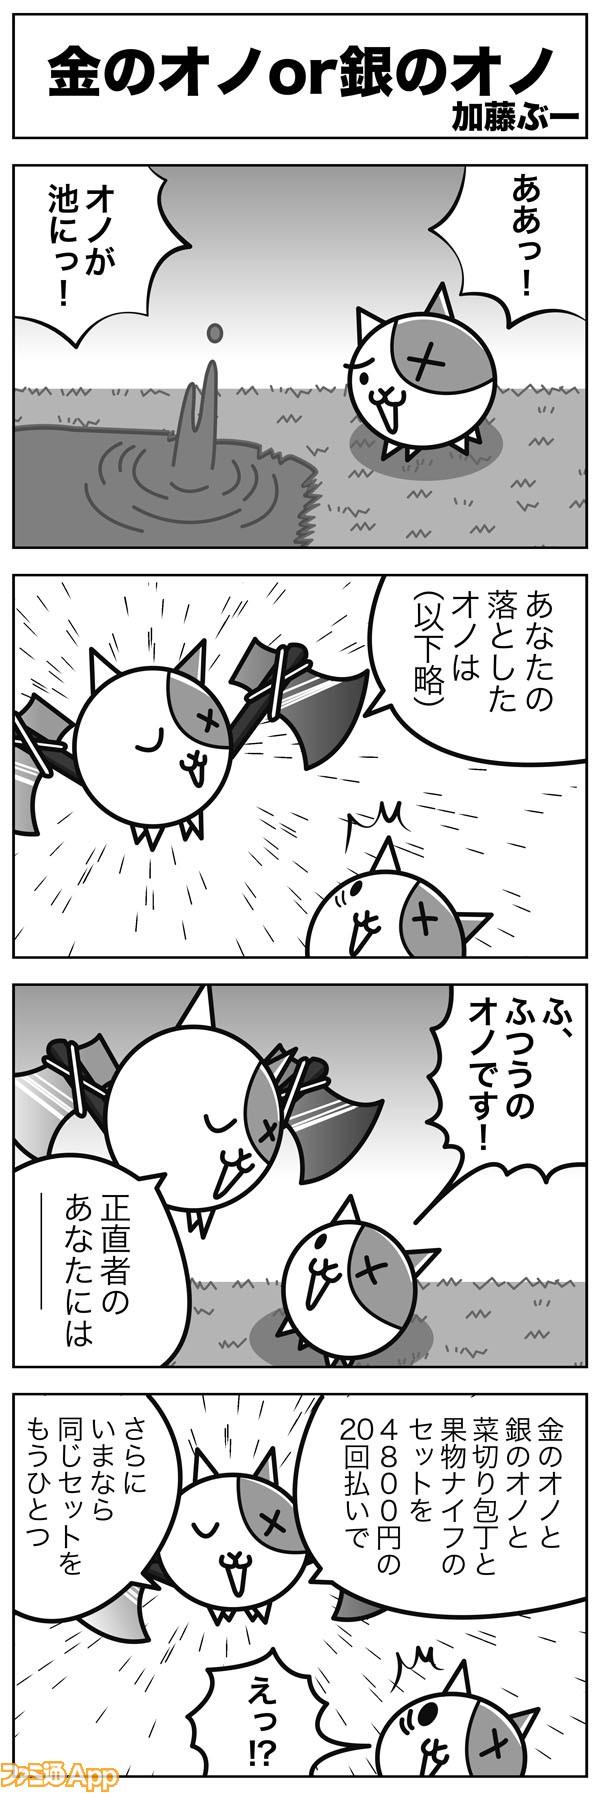 04kato-062